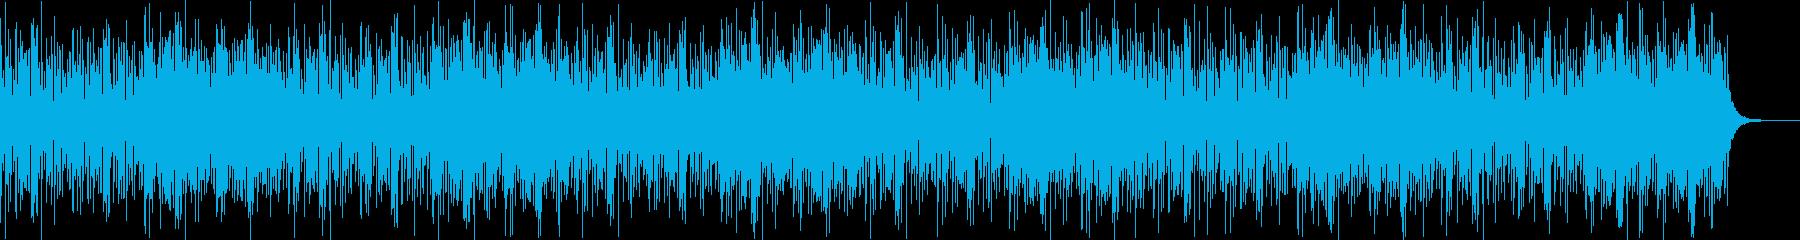 スキャット&民族ボイス風のみの再生済みの波形